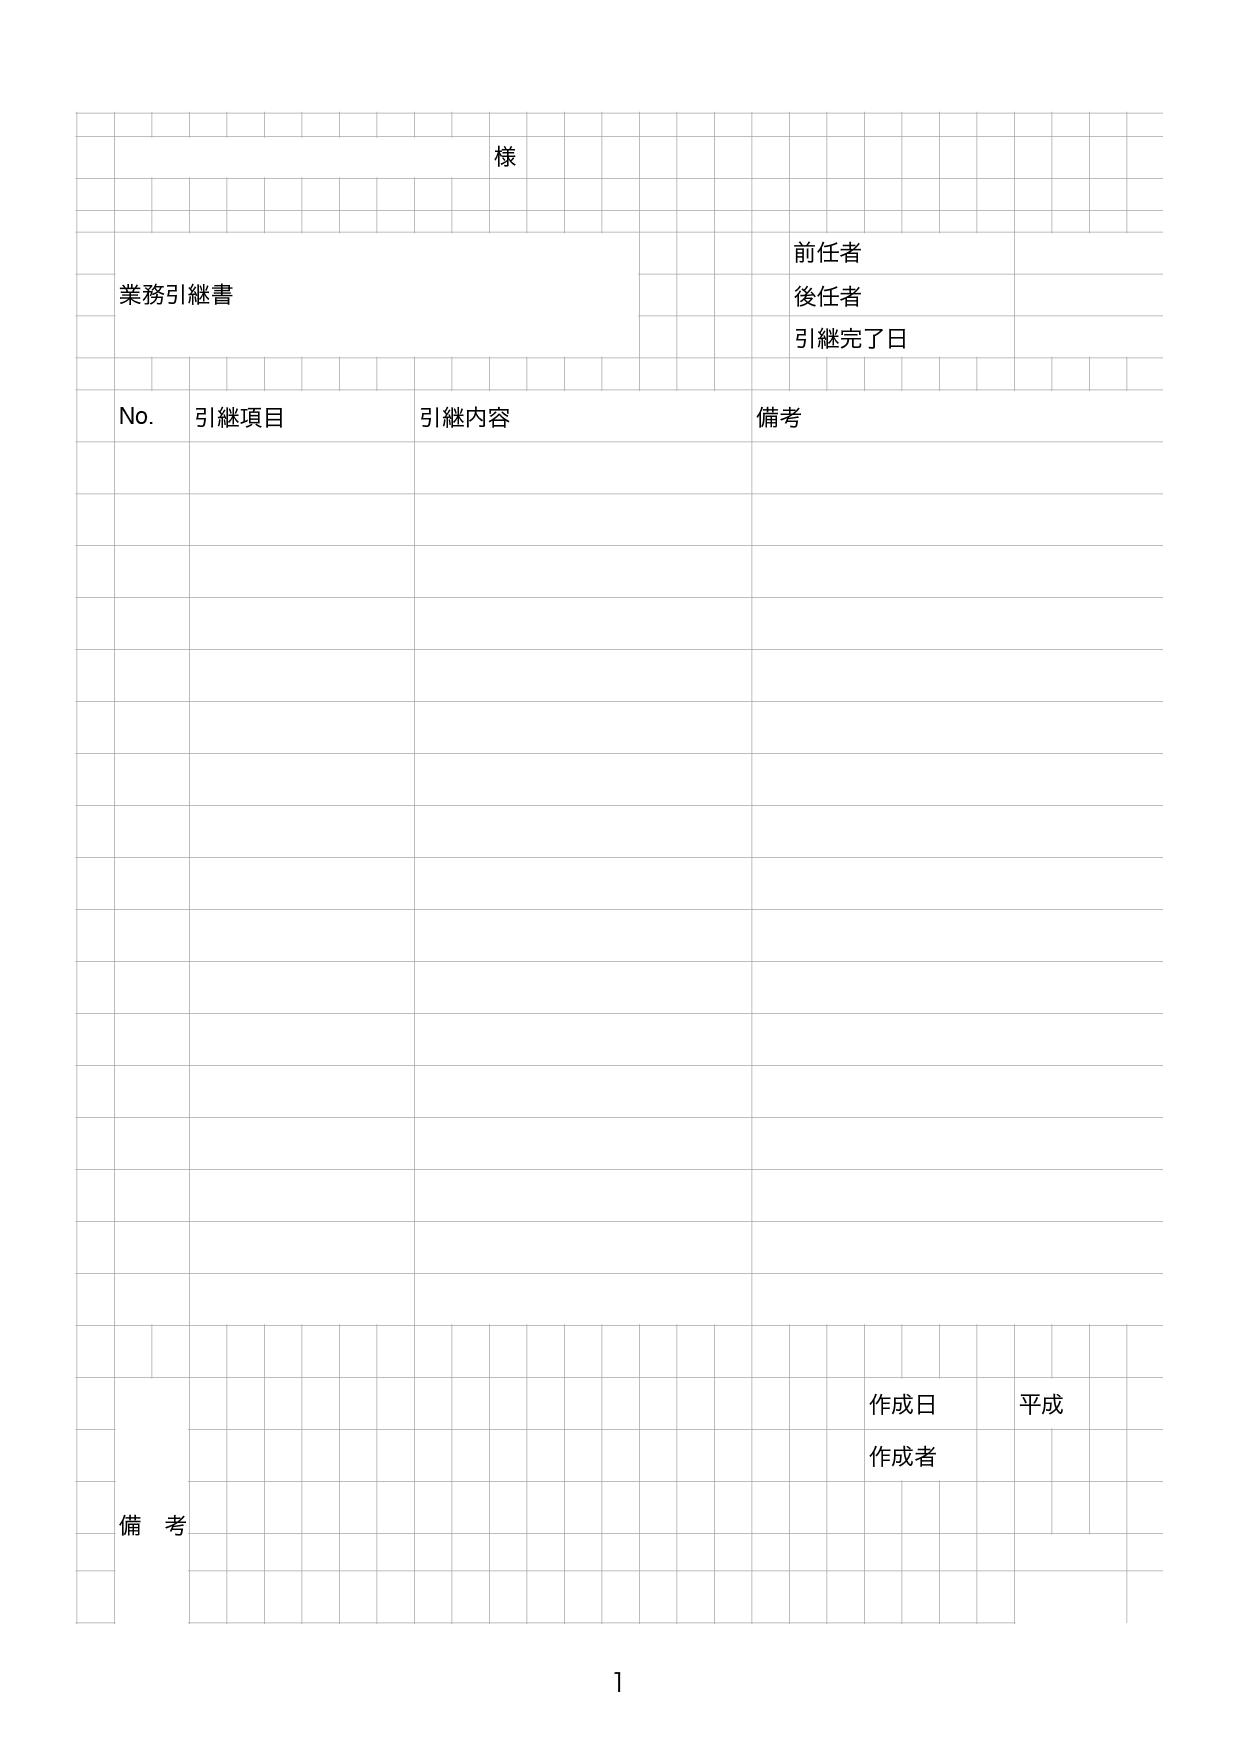 業務引継書テンプレート_マス目が多く使いやすい(エクセル・ナンバーズ)